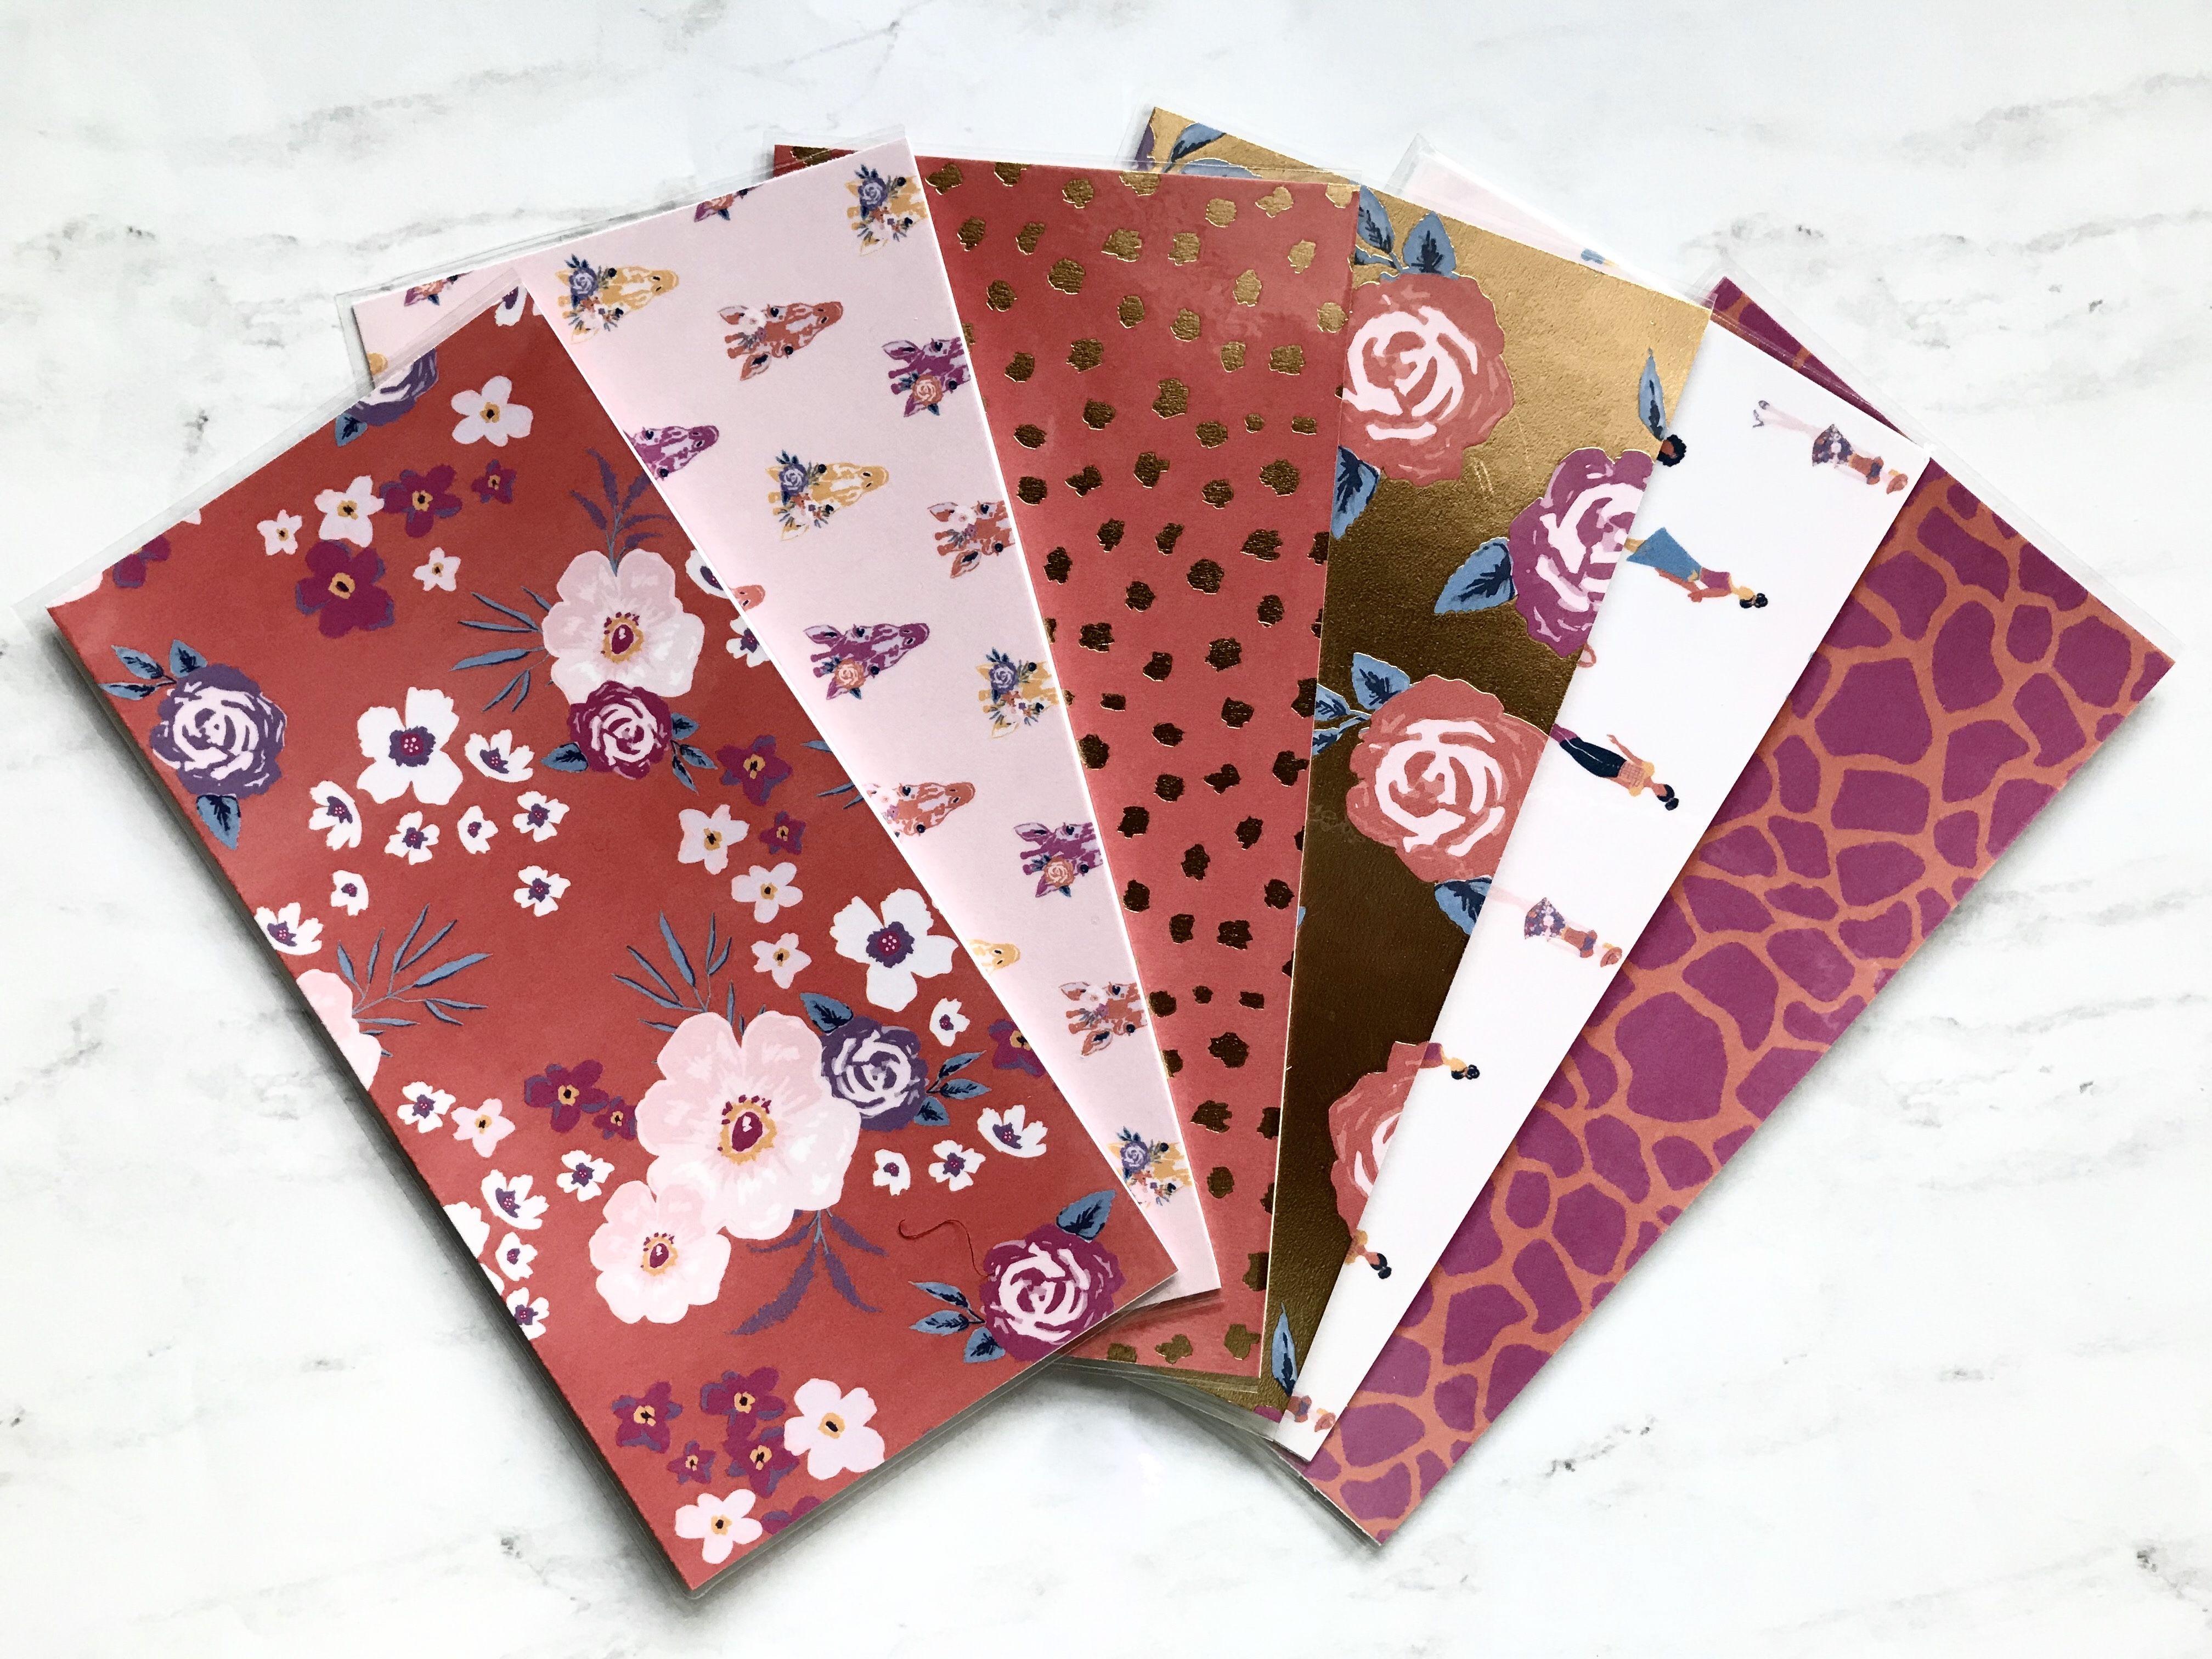 Budgeting Envelopes Laminated Envelopes Laminated Cash Envelopes Dave Ramsey Pink Paris